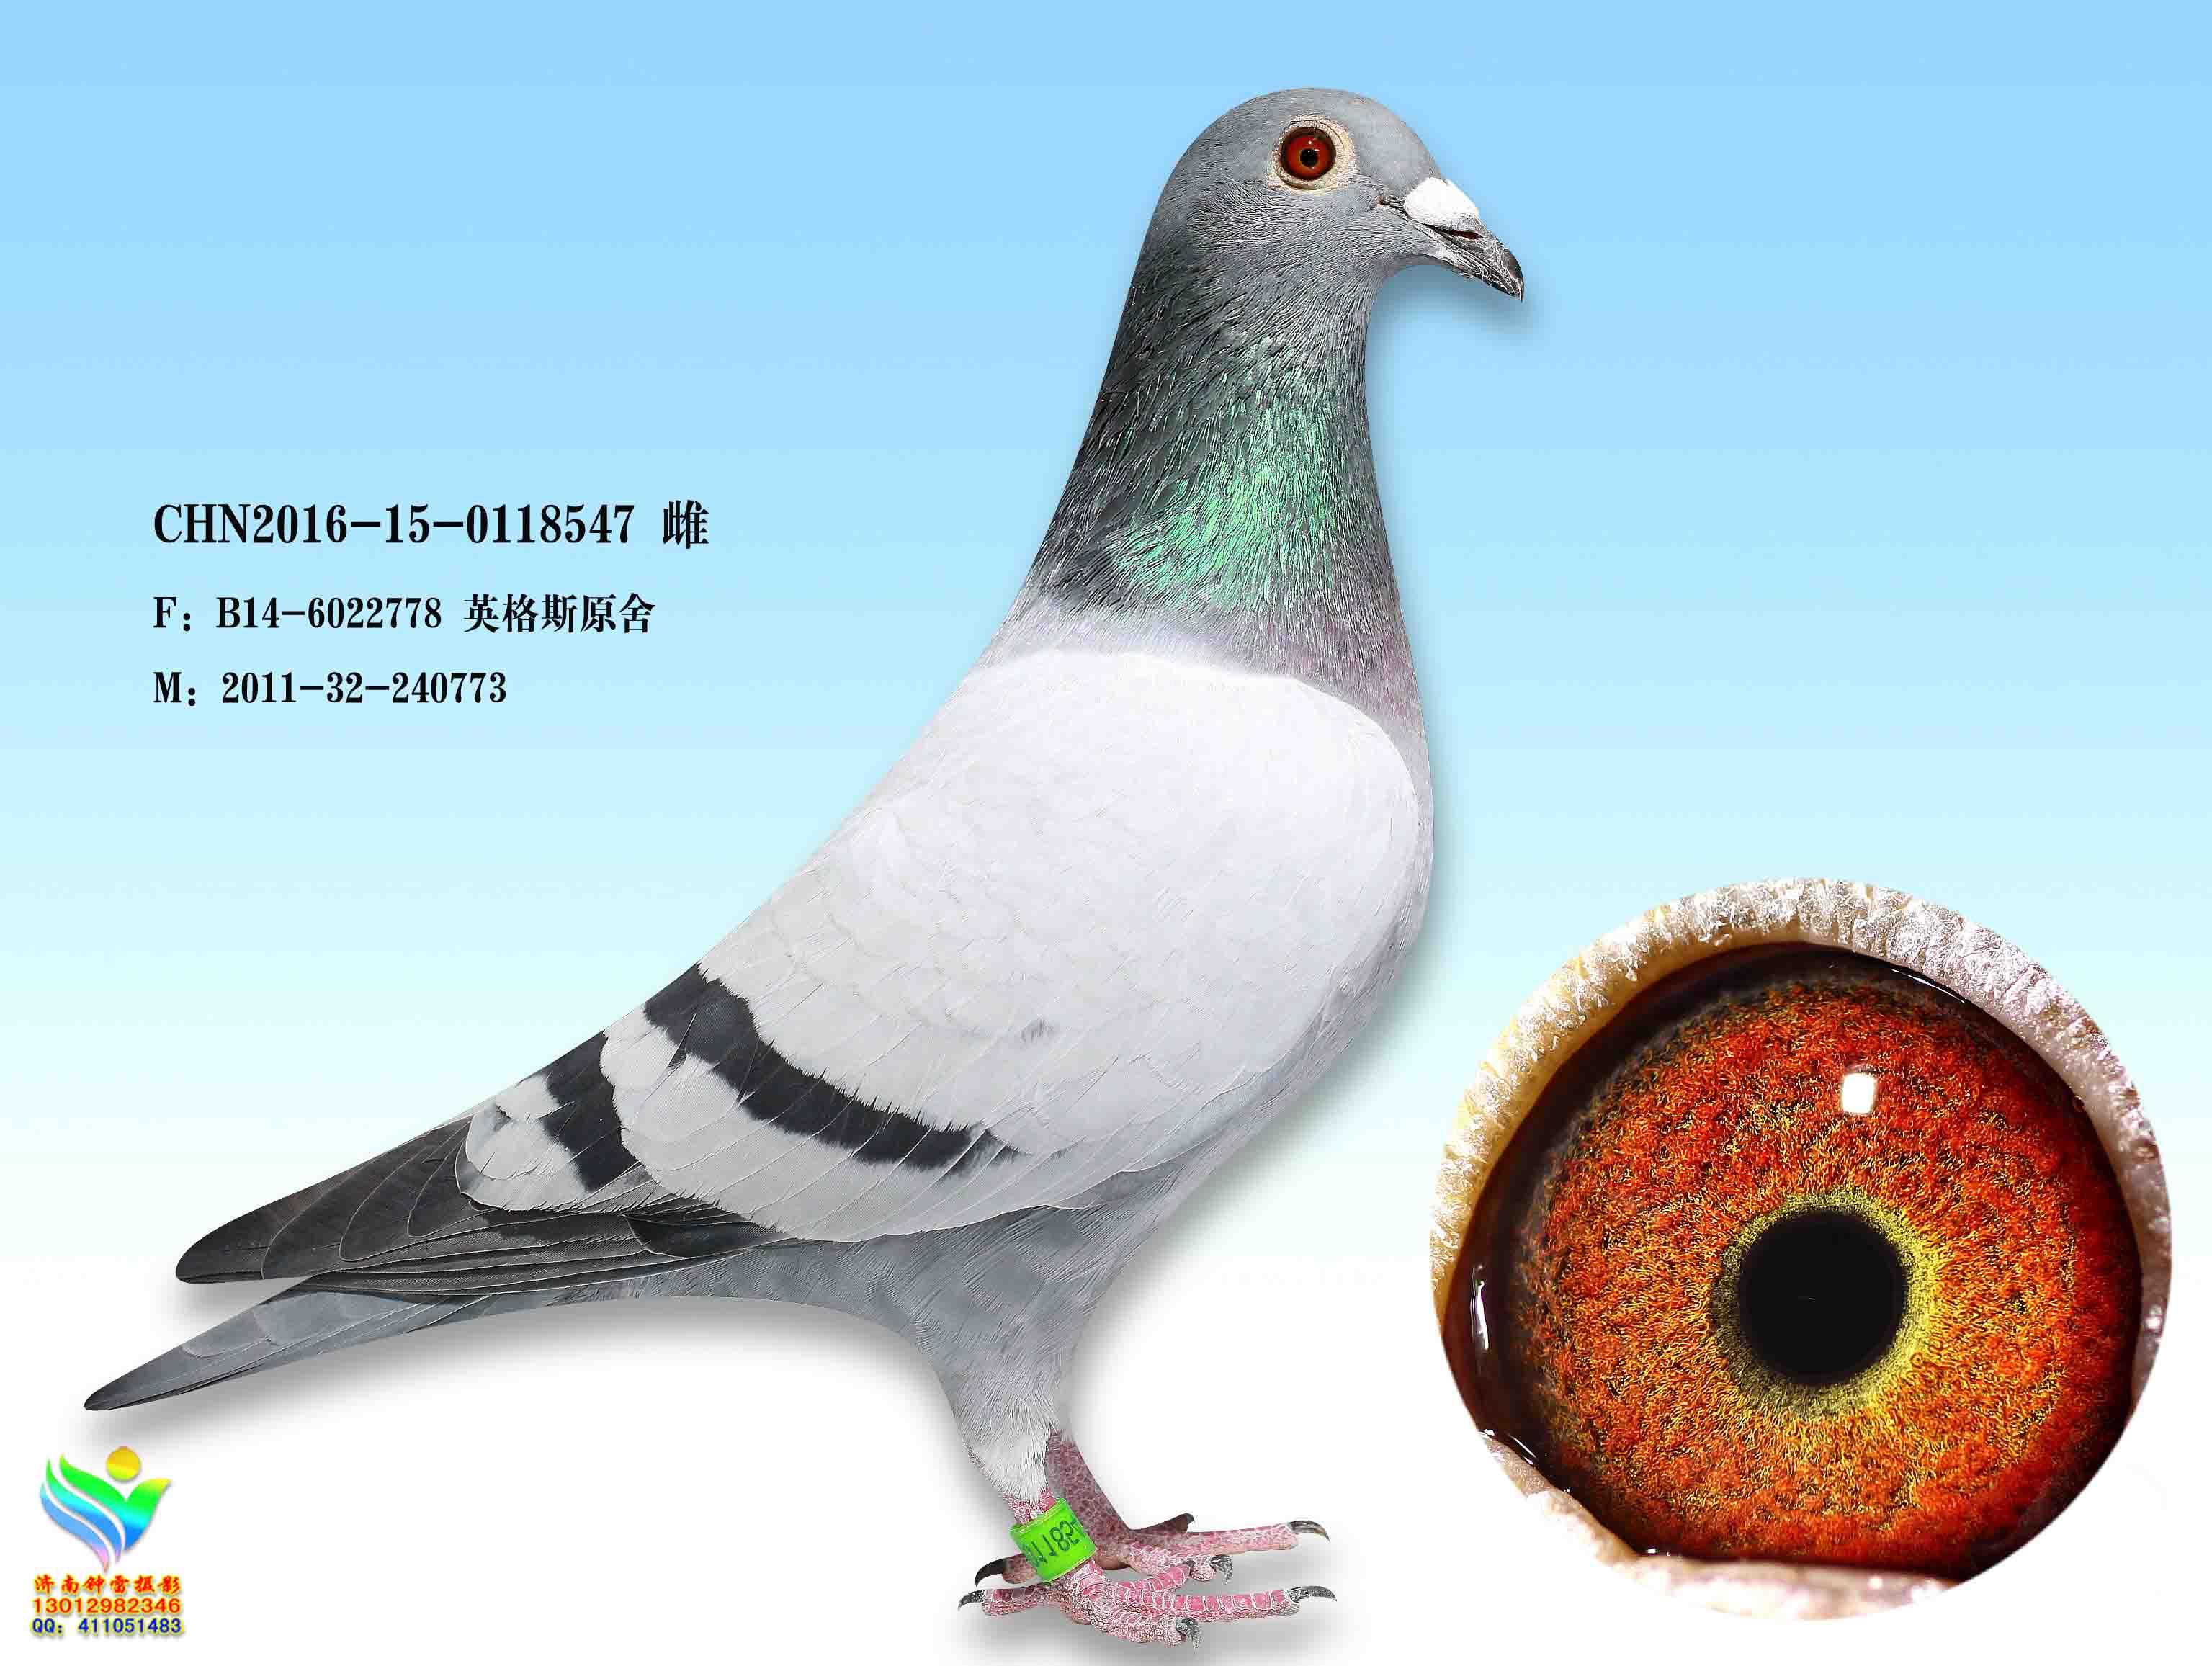 信鸽拍卖首页 拍卖专题 >> 查看拍卖商品  相关图片 商品信息 商品